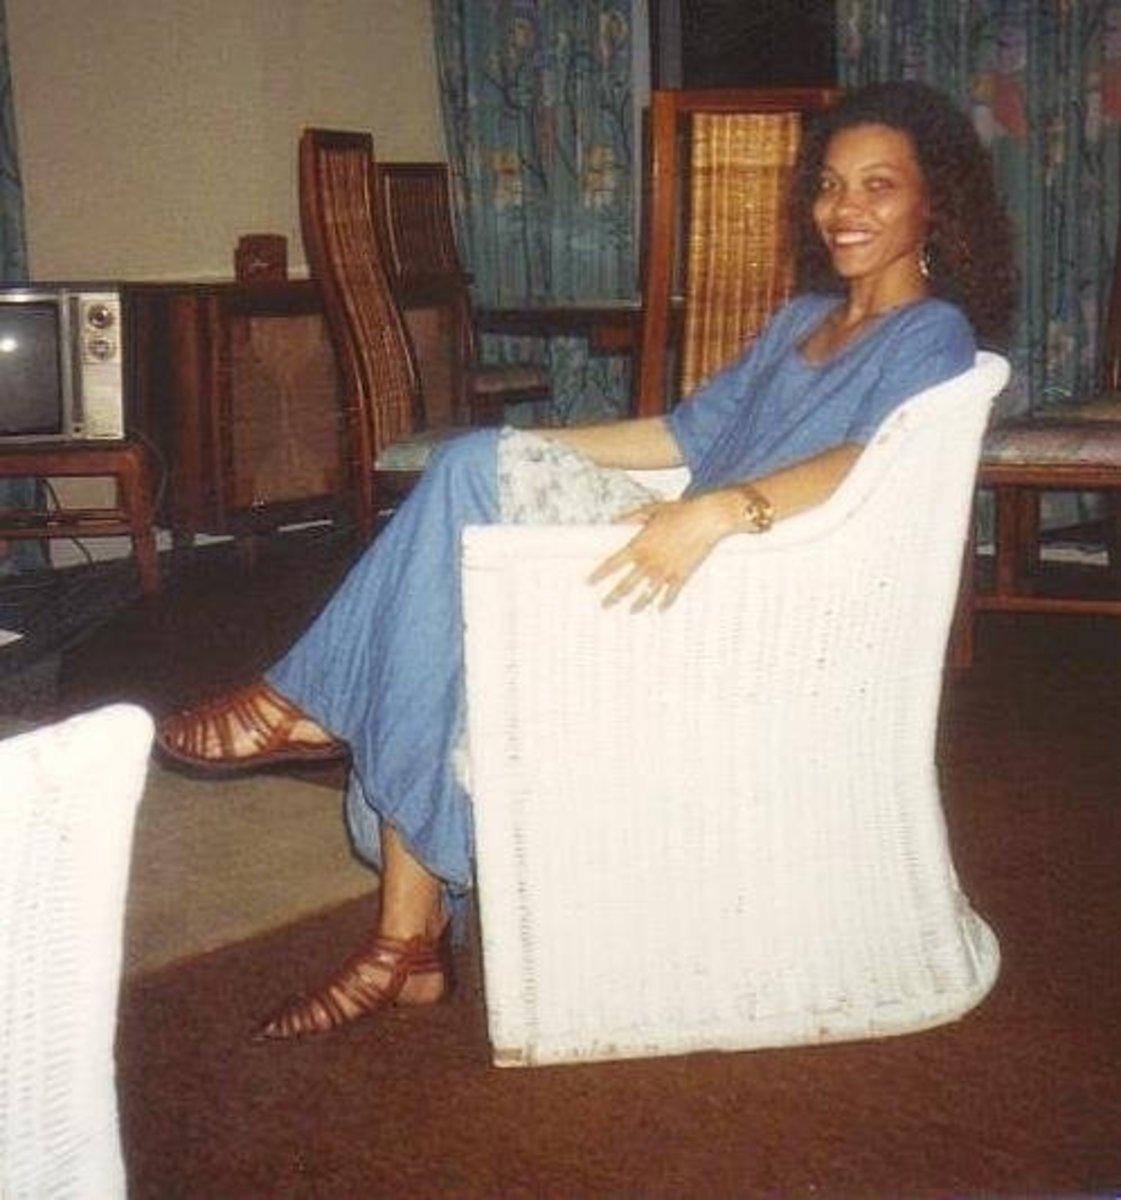 Photo taken in 1992.  I had always had long hair.